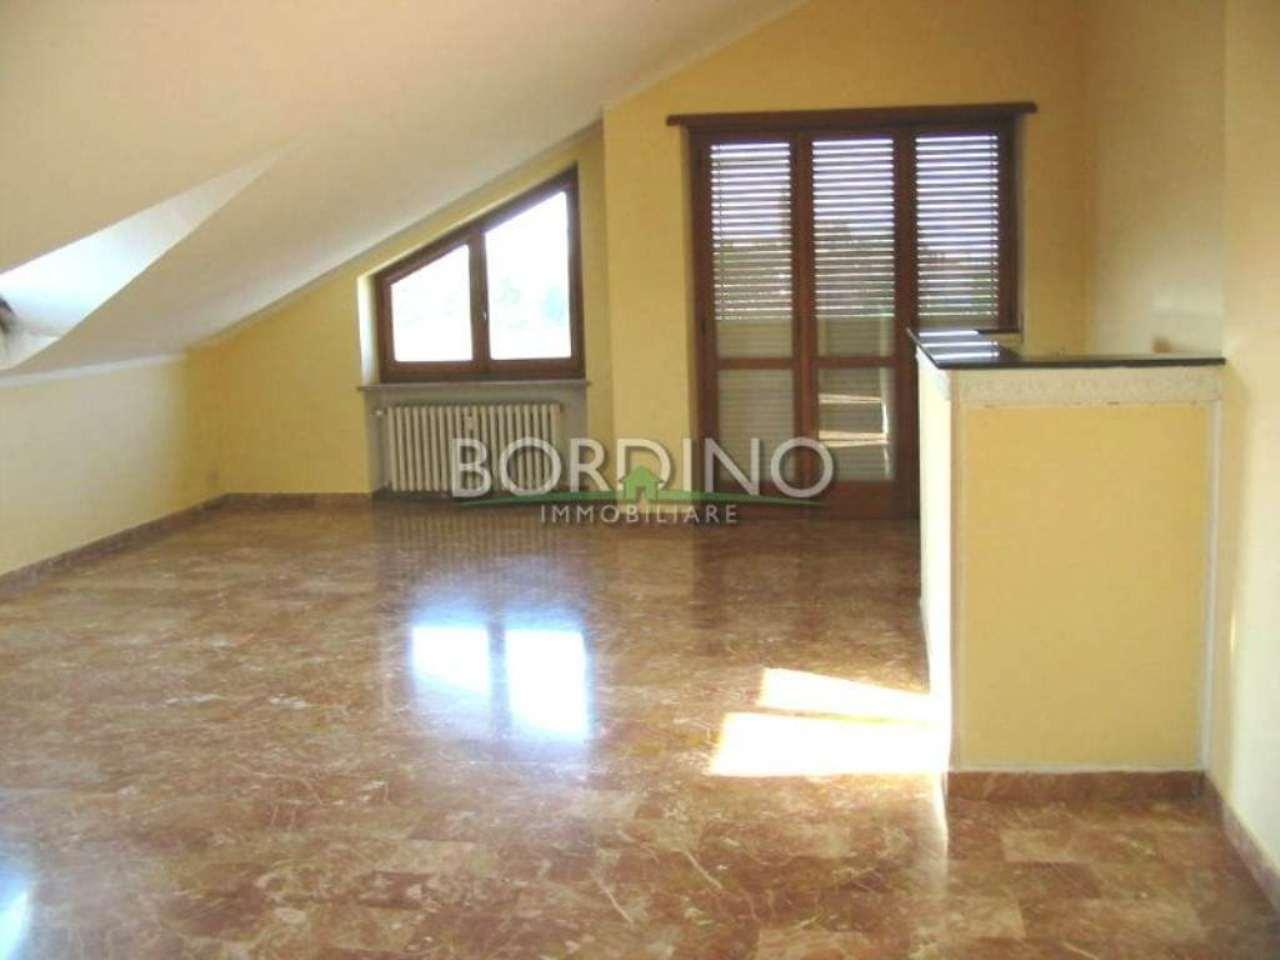 Attico / Mansarda in affitto a Priocca, 4 locali, prezzo € 325 | Cambio Casa.it